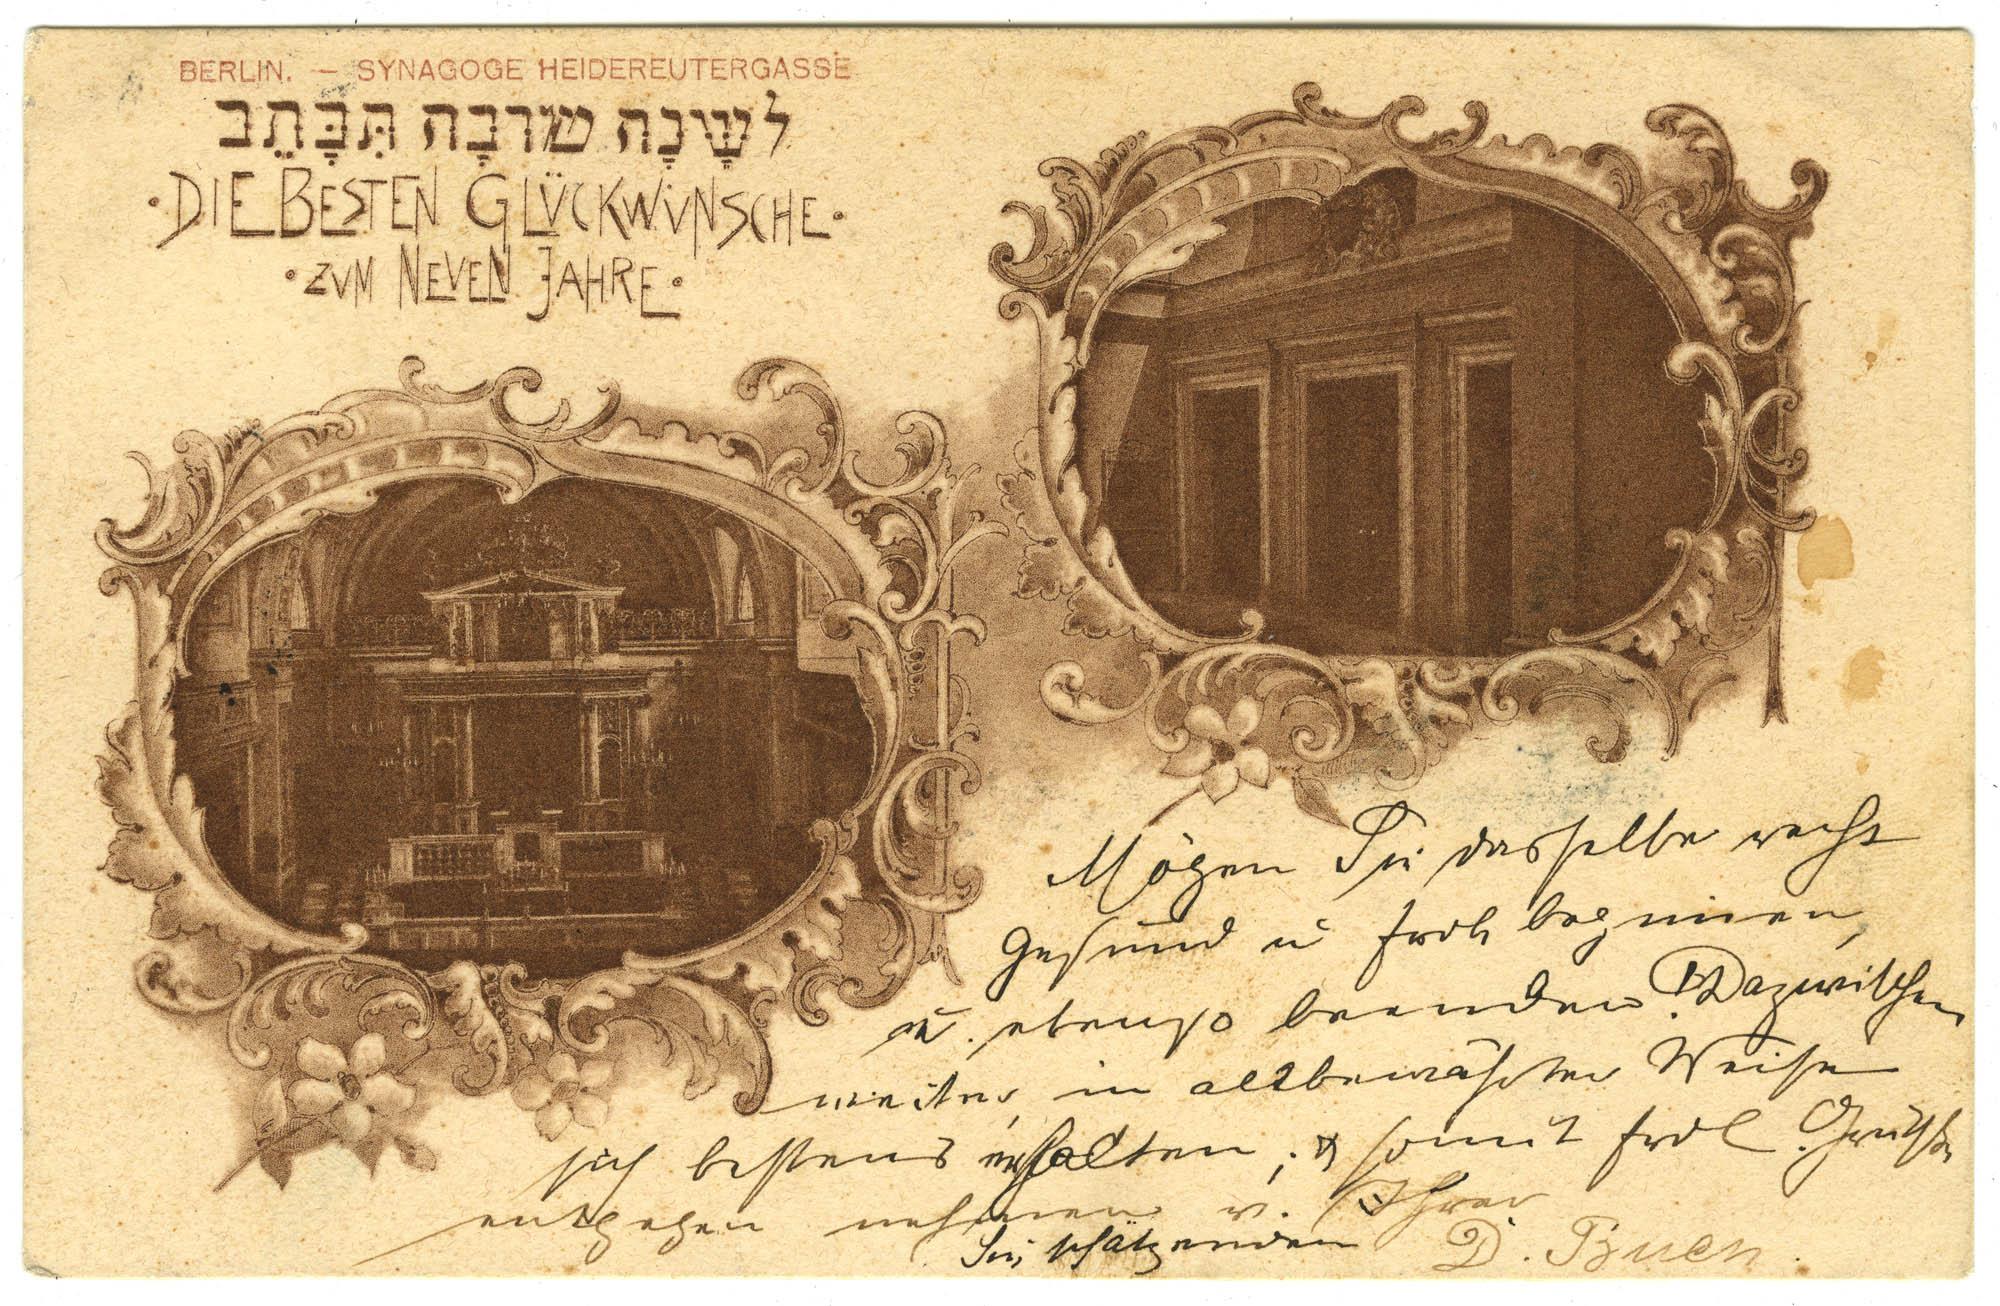 Berlin. - Synagoge Heidereutergasse